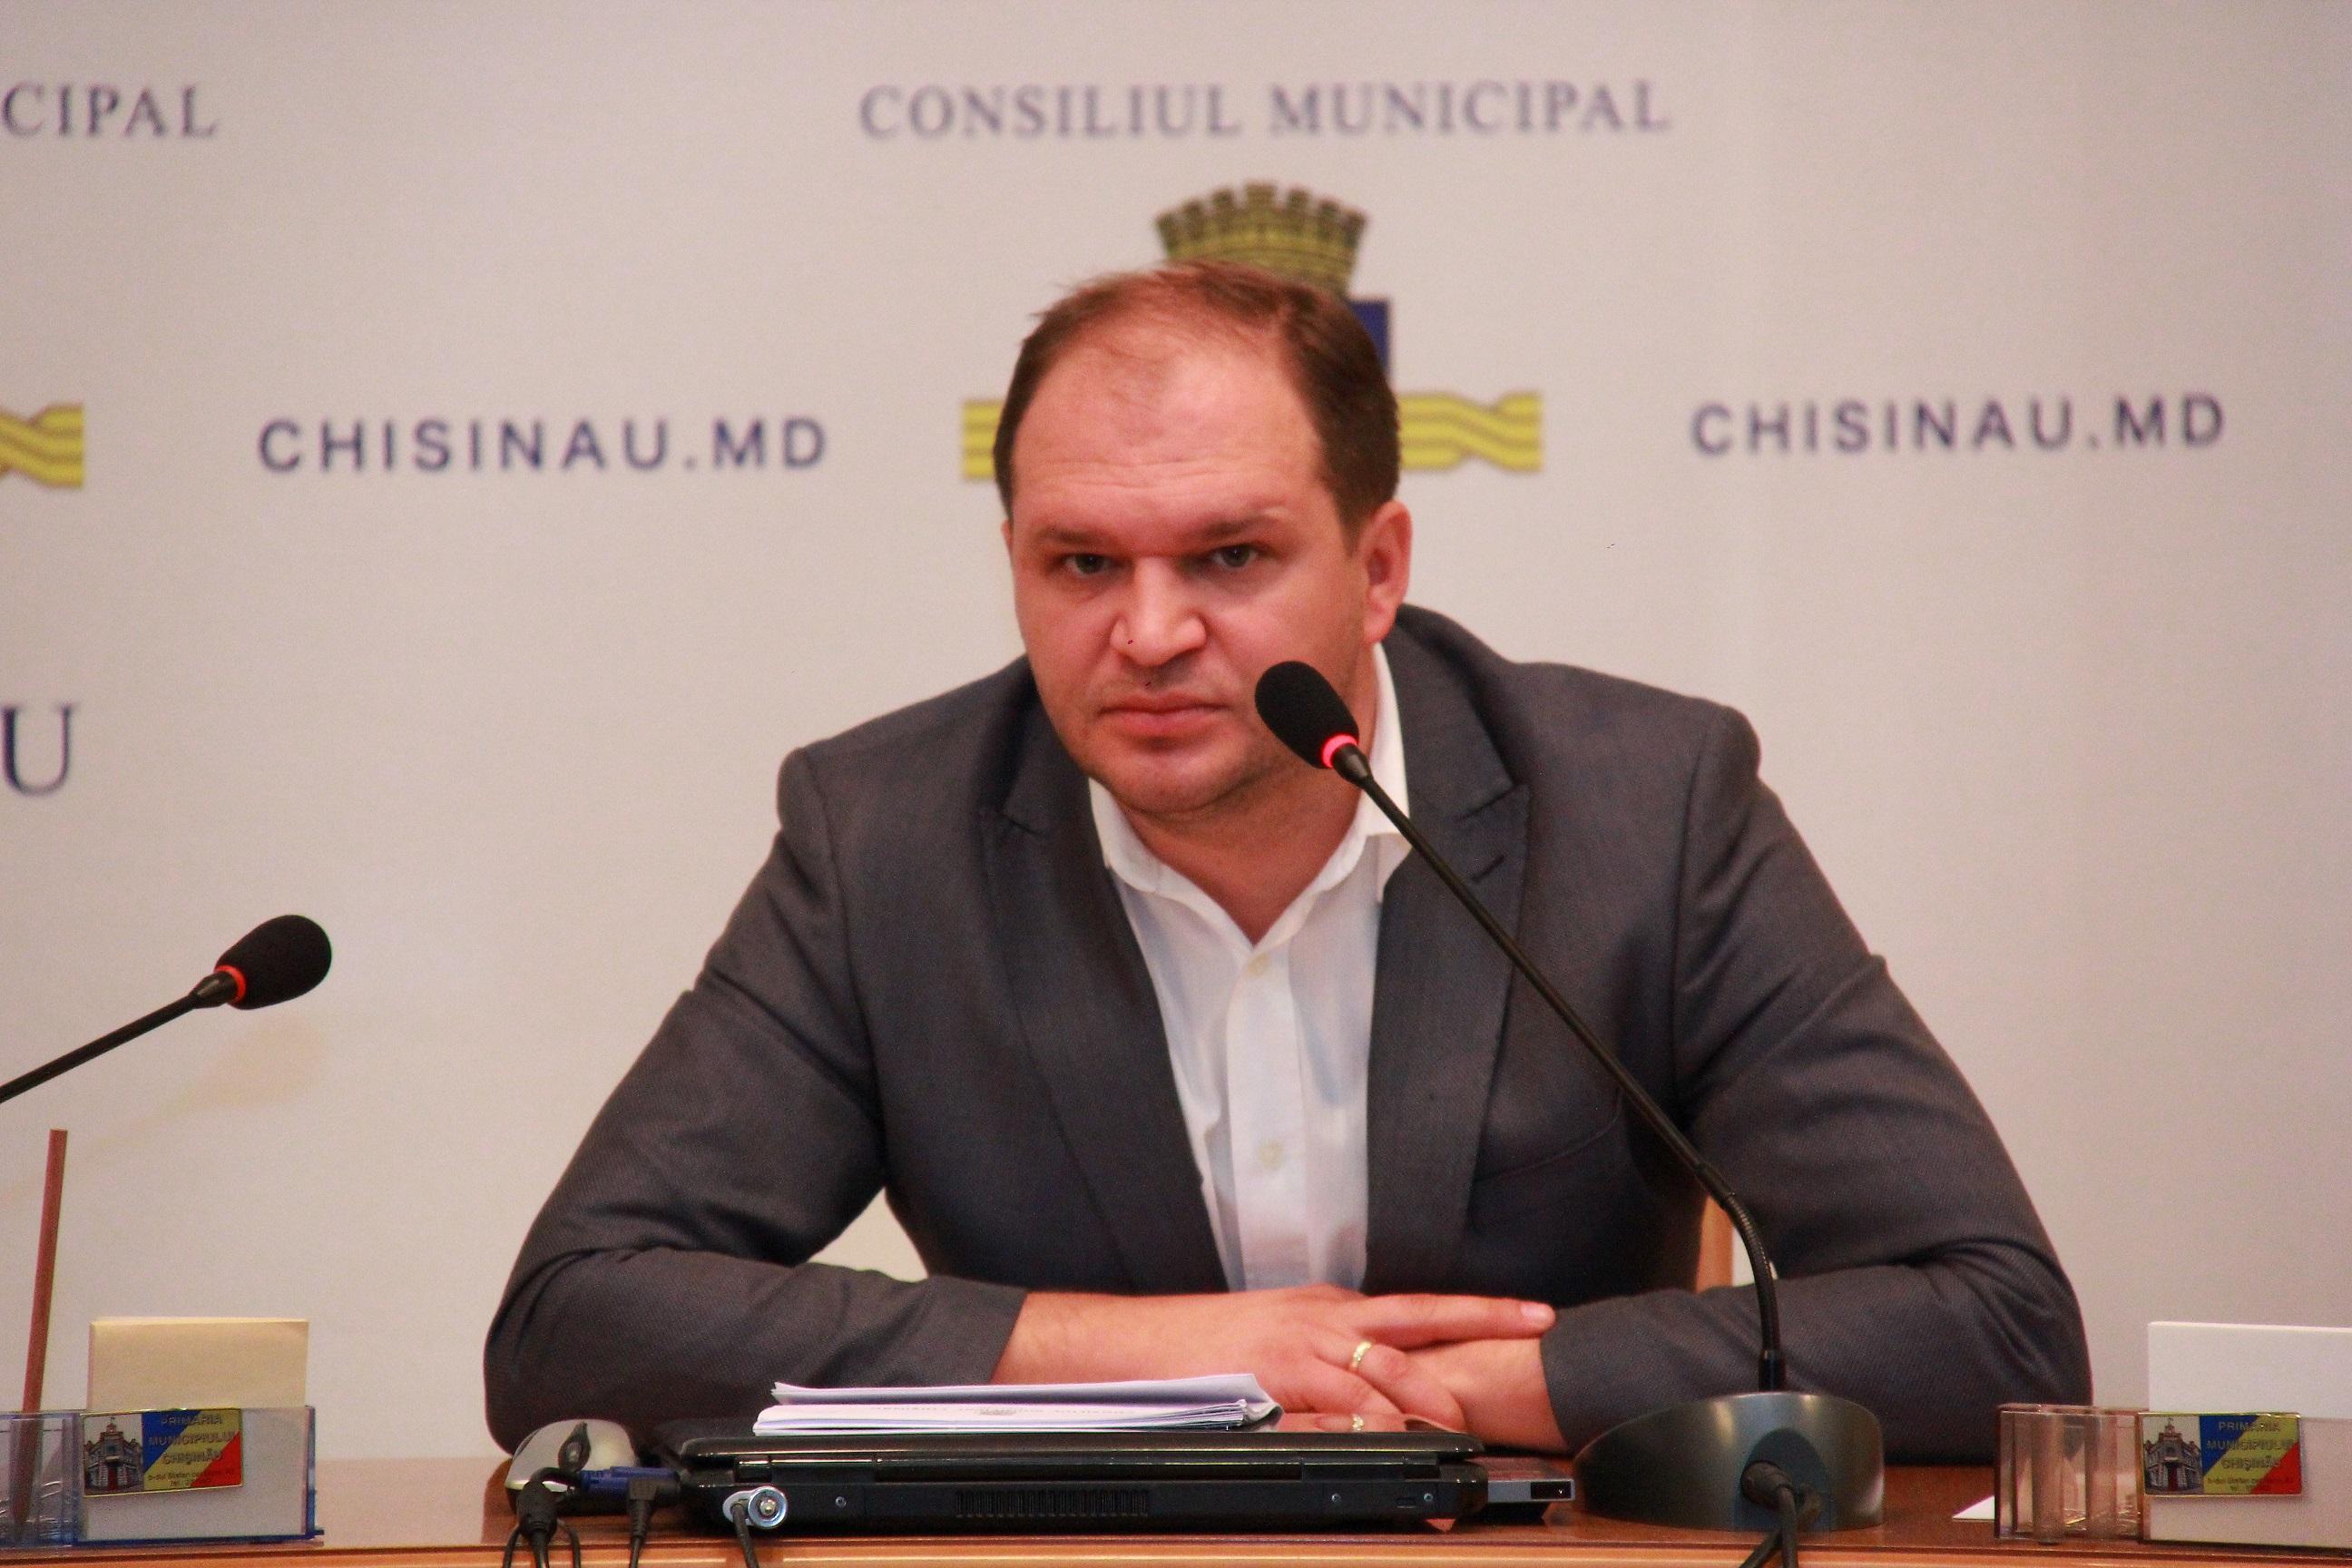 Социалисты требуют заслушать ответственных за ликвидацию свалок веток в Кишиневе (ВИДЕО)